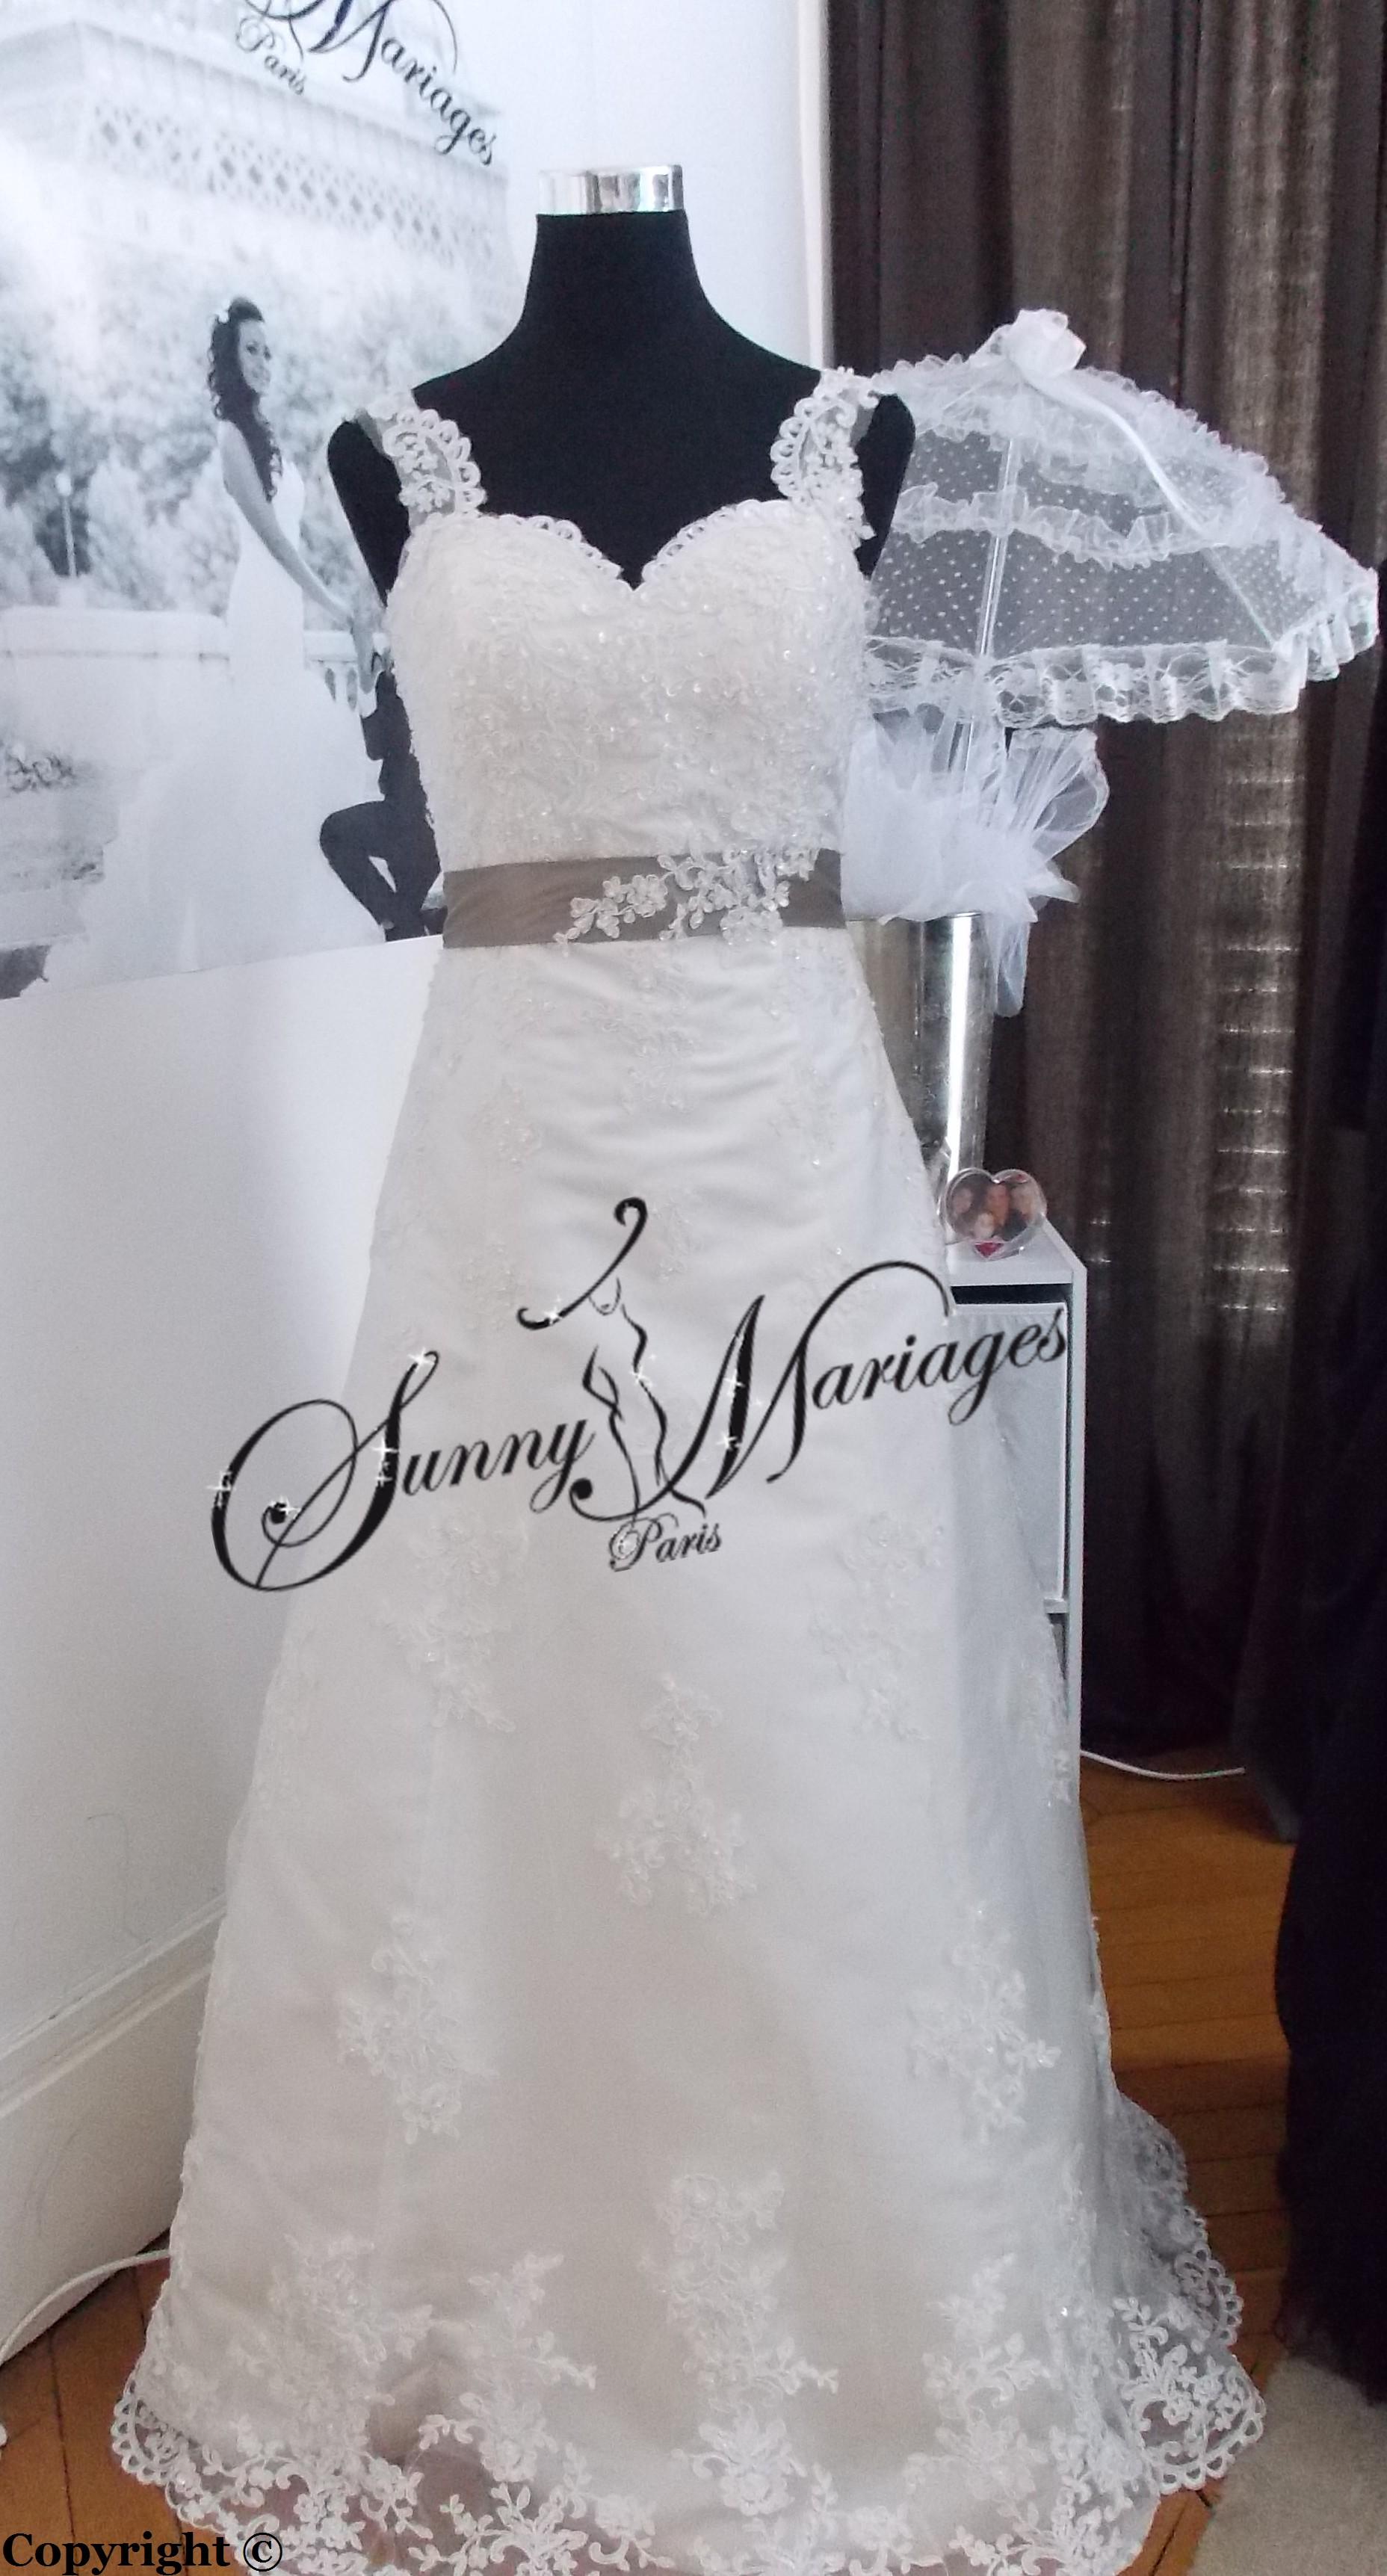 nos robes de mariee sunny mariages vous offre la possibilité de ...